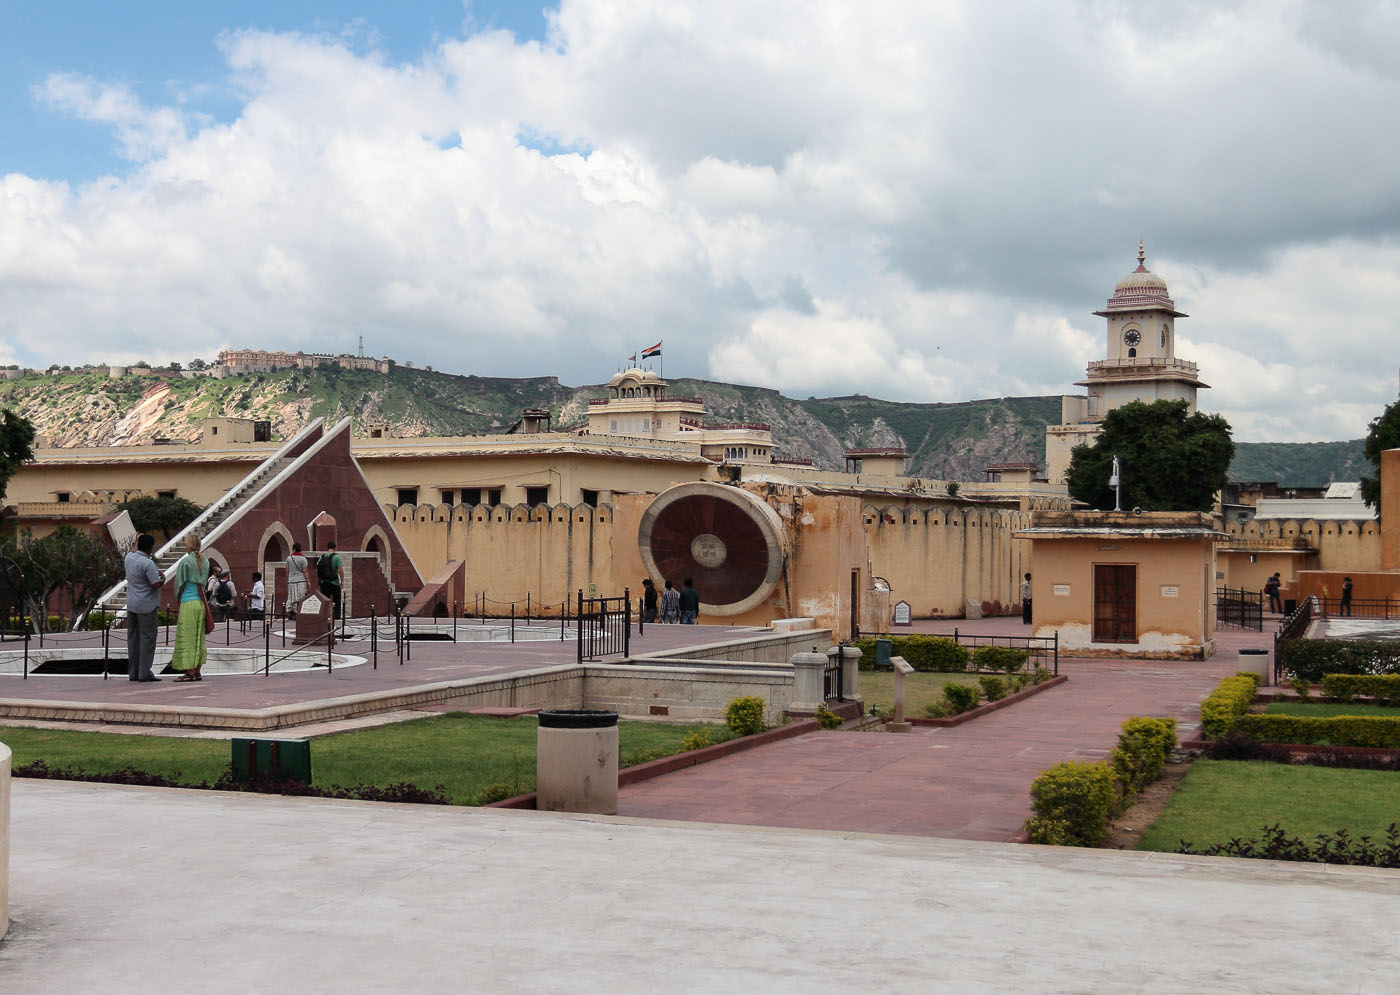 Фото 24.1. Обсерватория в Джайпуре. Наш отдых в Индии.